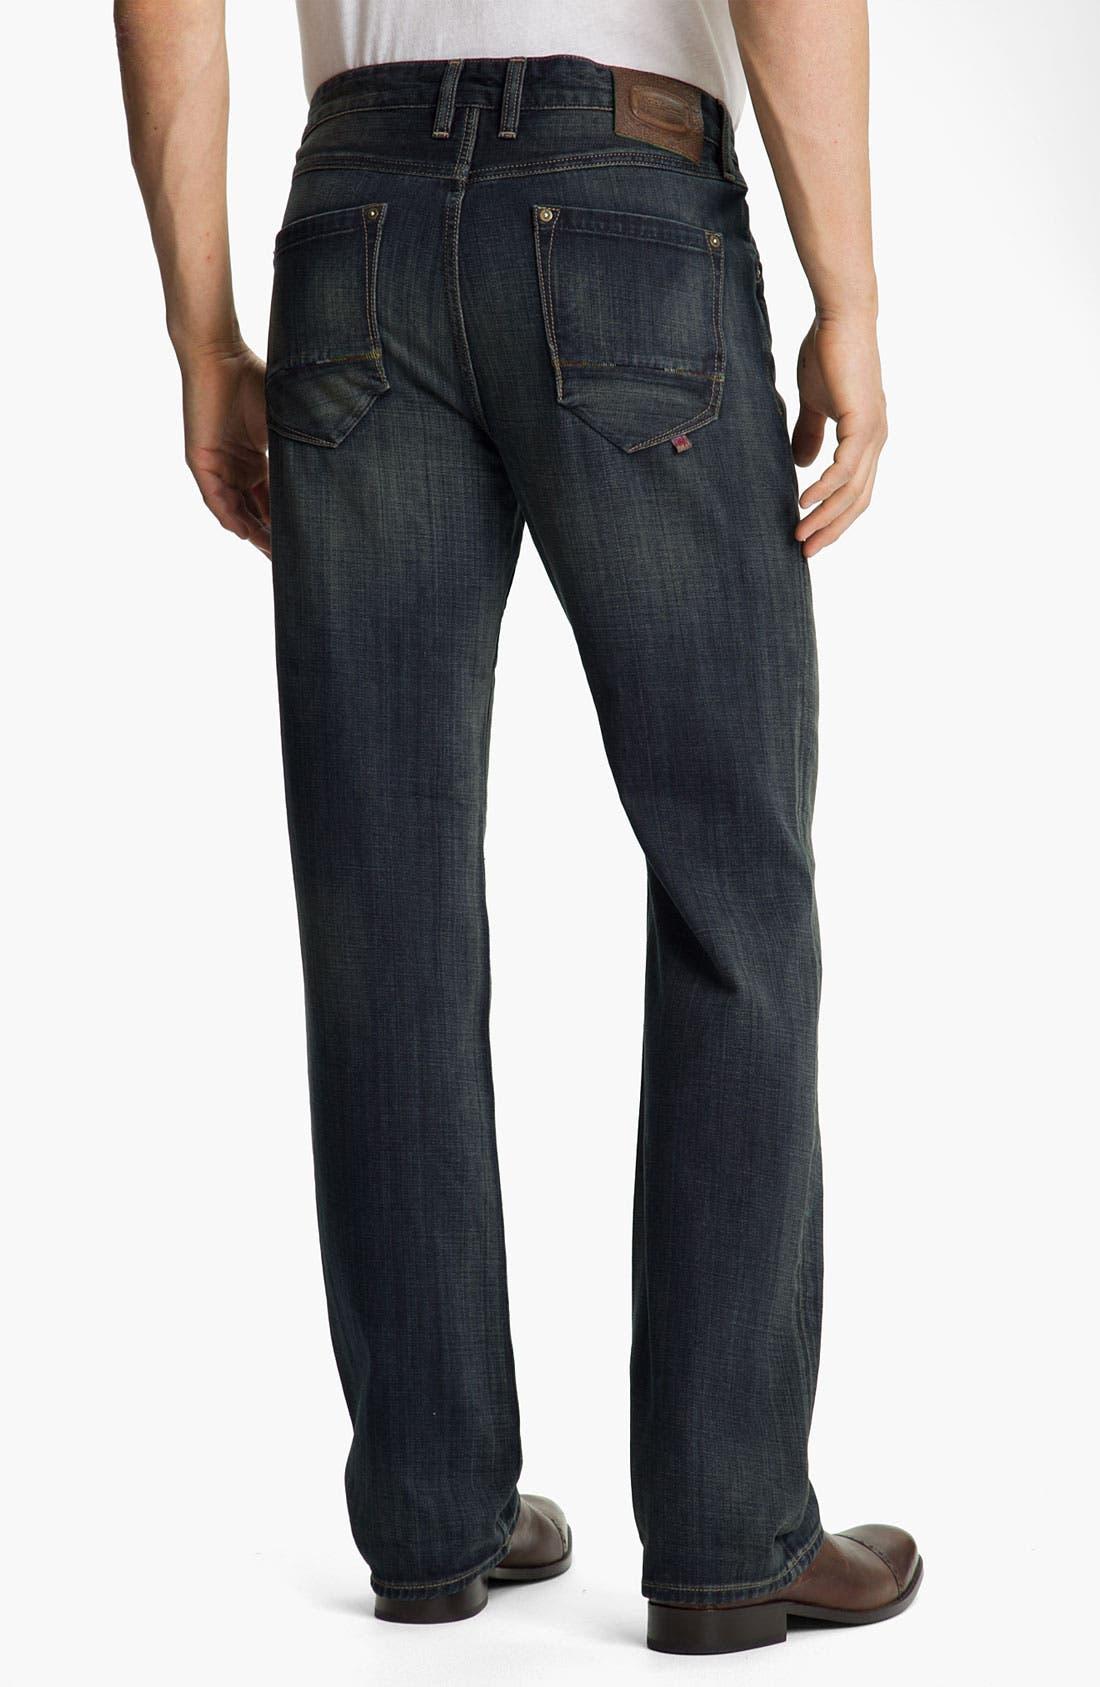 Alternate Image 2  - Robert Graham Jeans 'Orion' Straight Leg Jeans (Indigo)